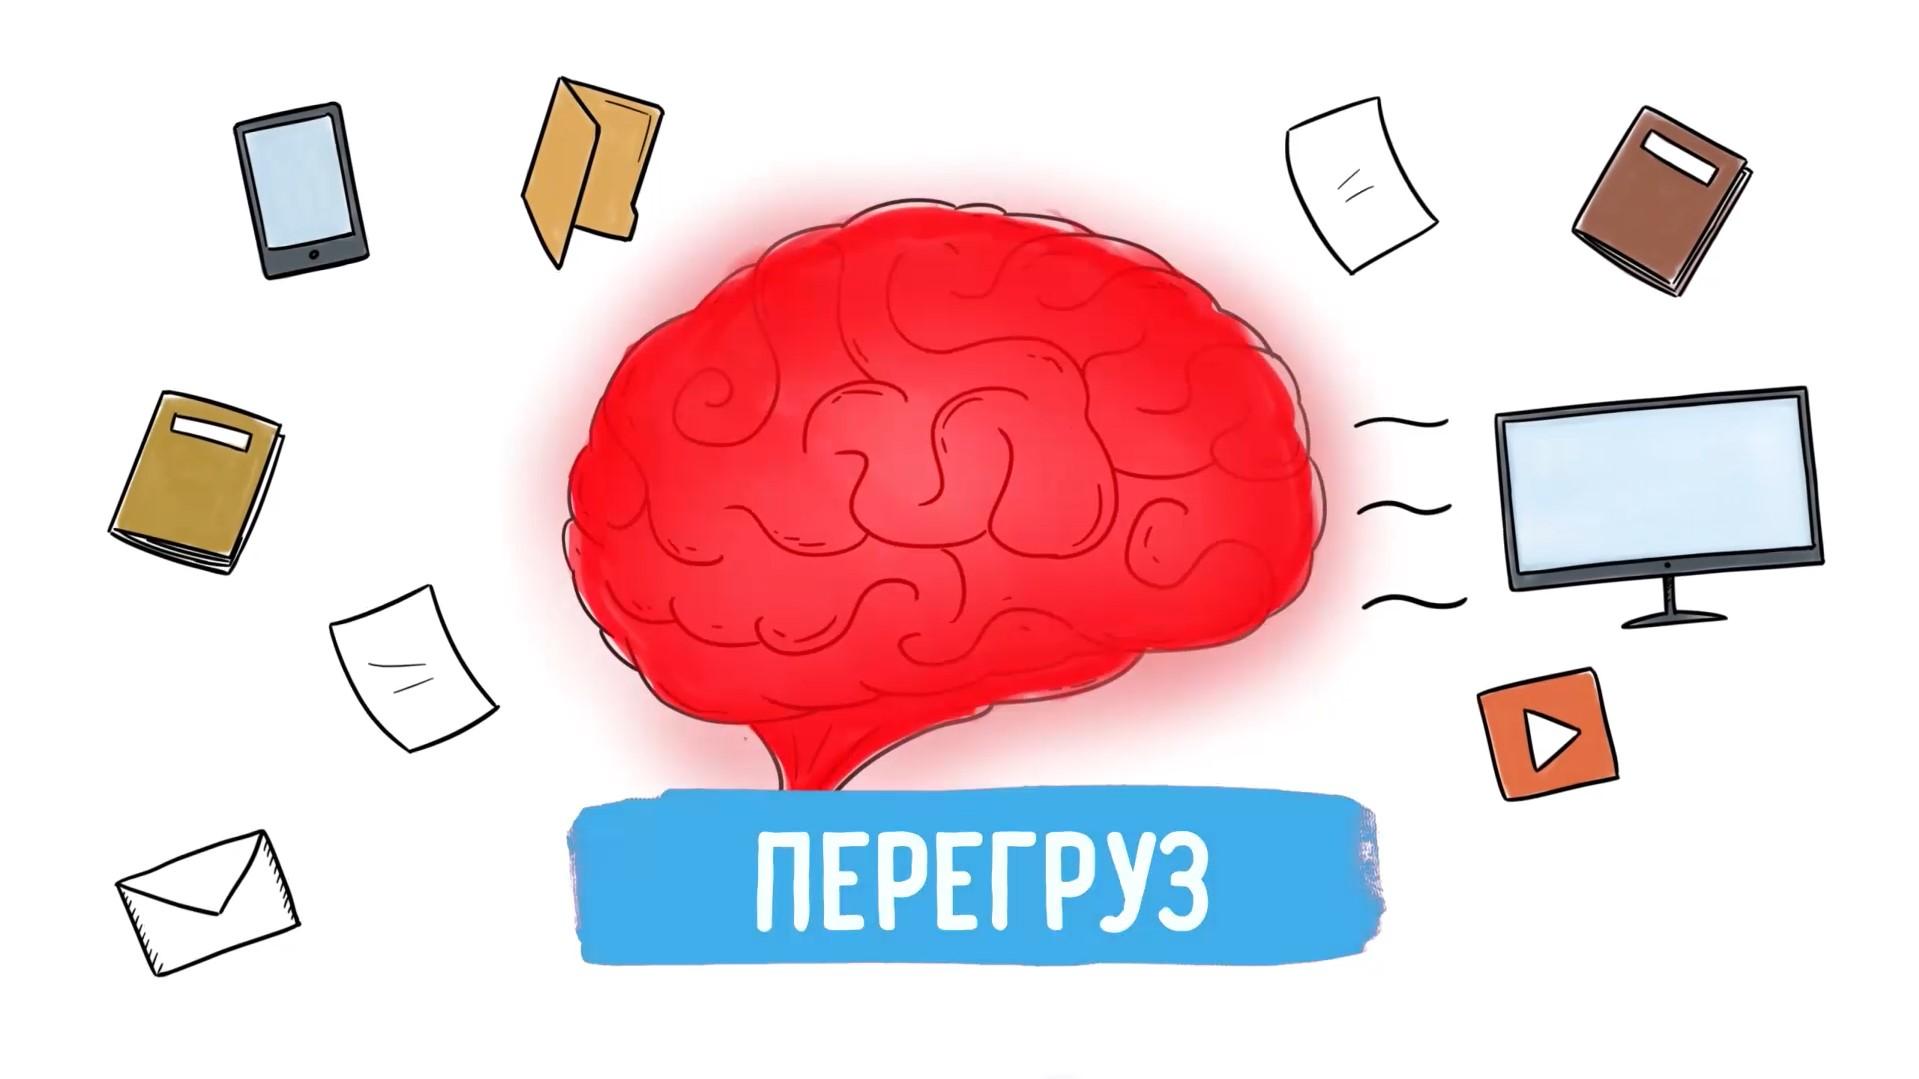 Мозг. Инструкция по применению. Как использовать свои возможности по максимуму и без перегрузок. Дэвид Рок